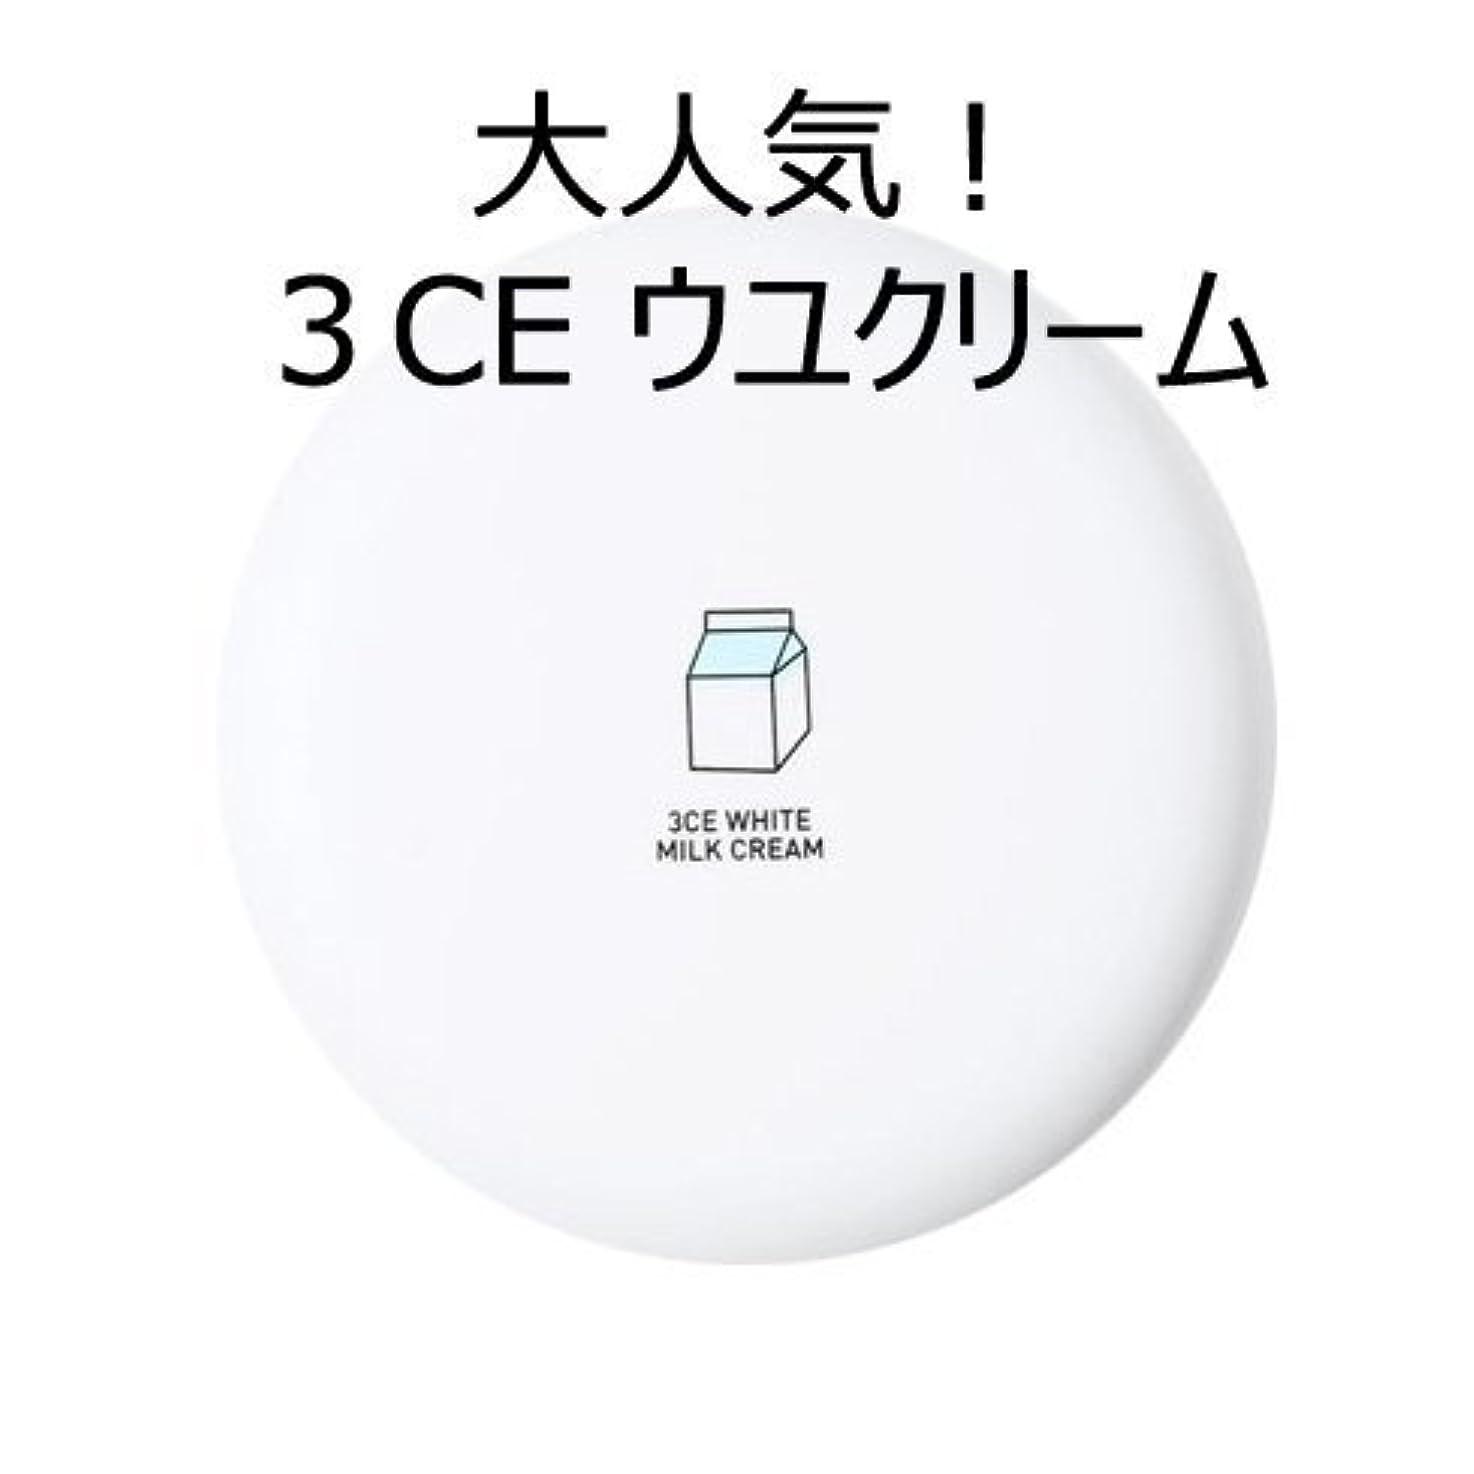 環境に優しい自動尊敬[3CE] [大人気!話題のウユクリーム] 3CE White Milk Cream [並行輸入品]